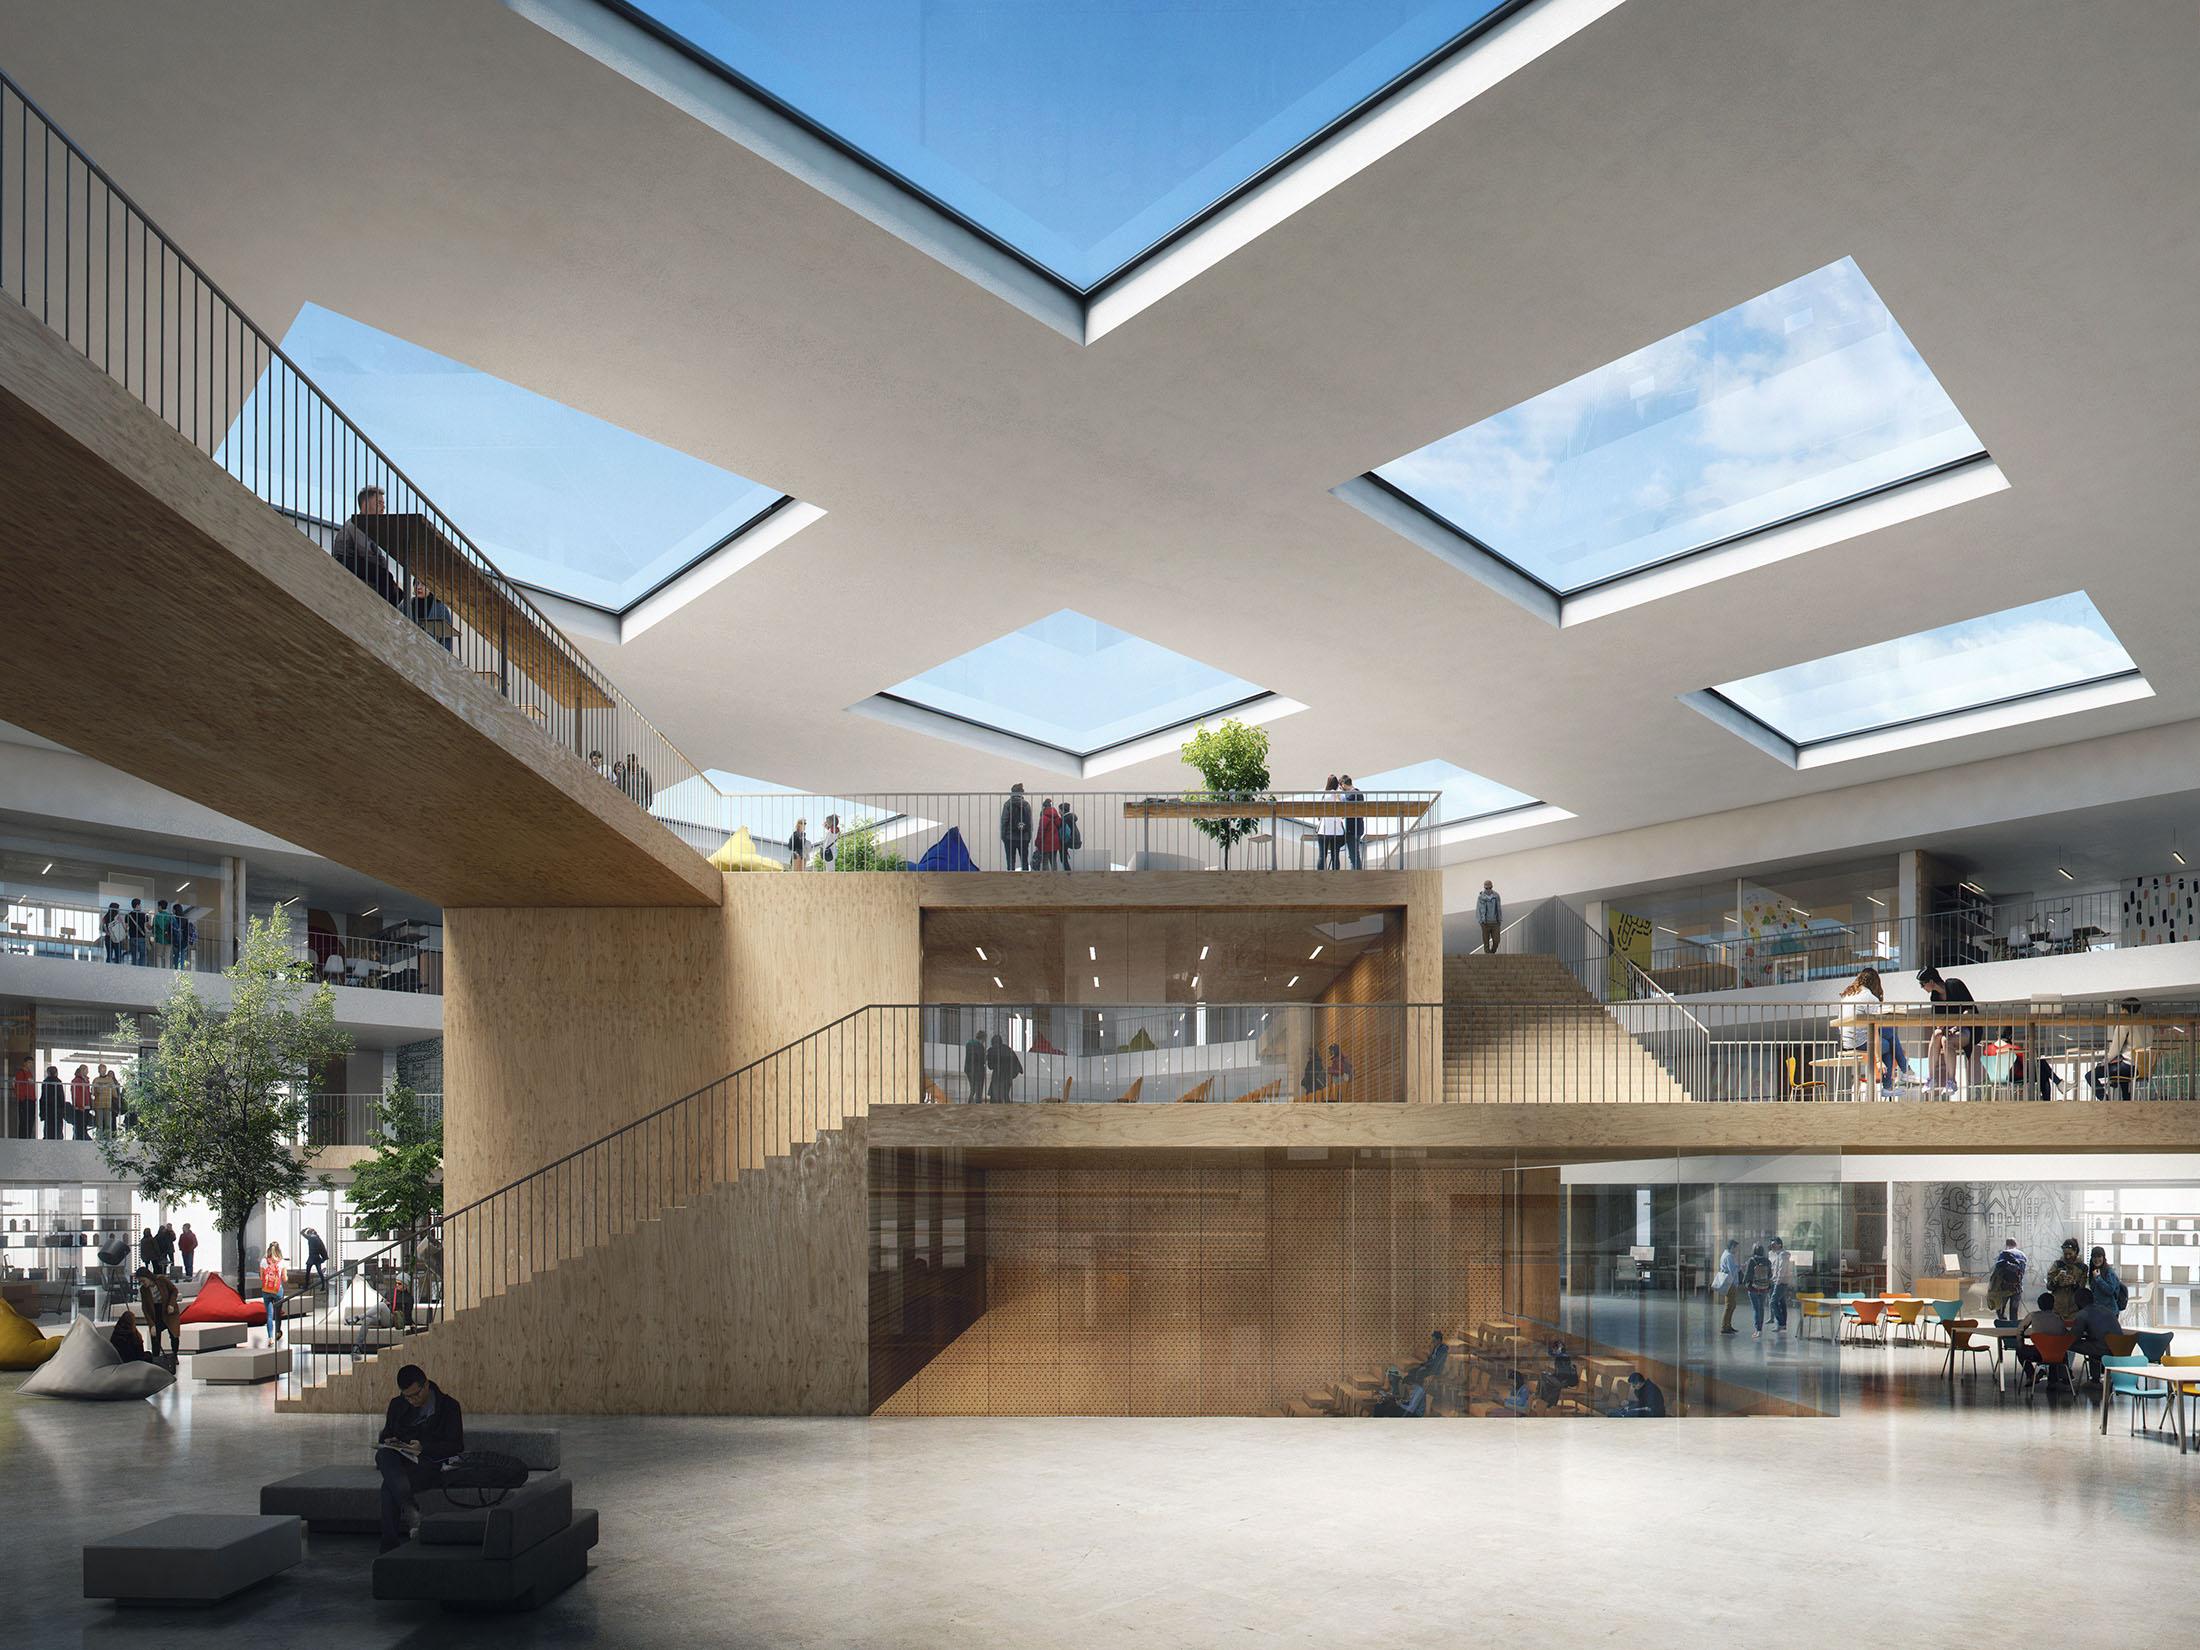 Aart Architects, Tiller High School, Norway, 2017